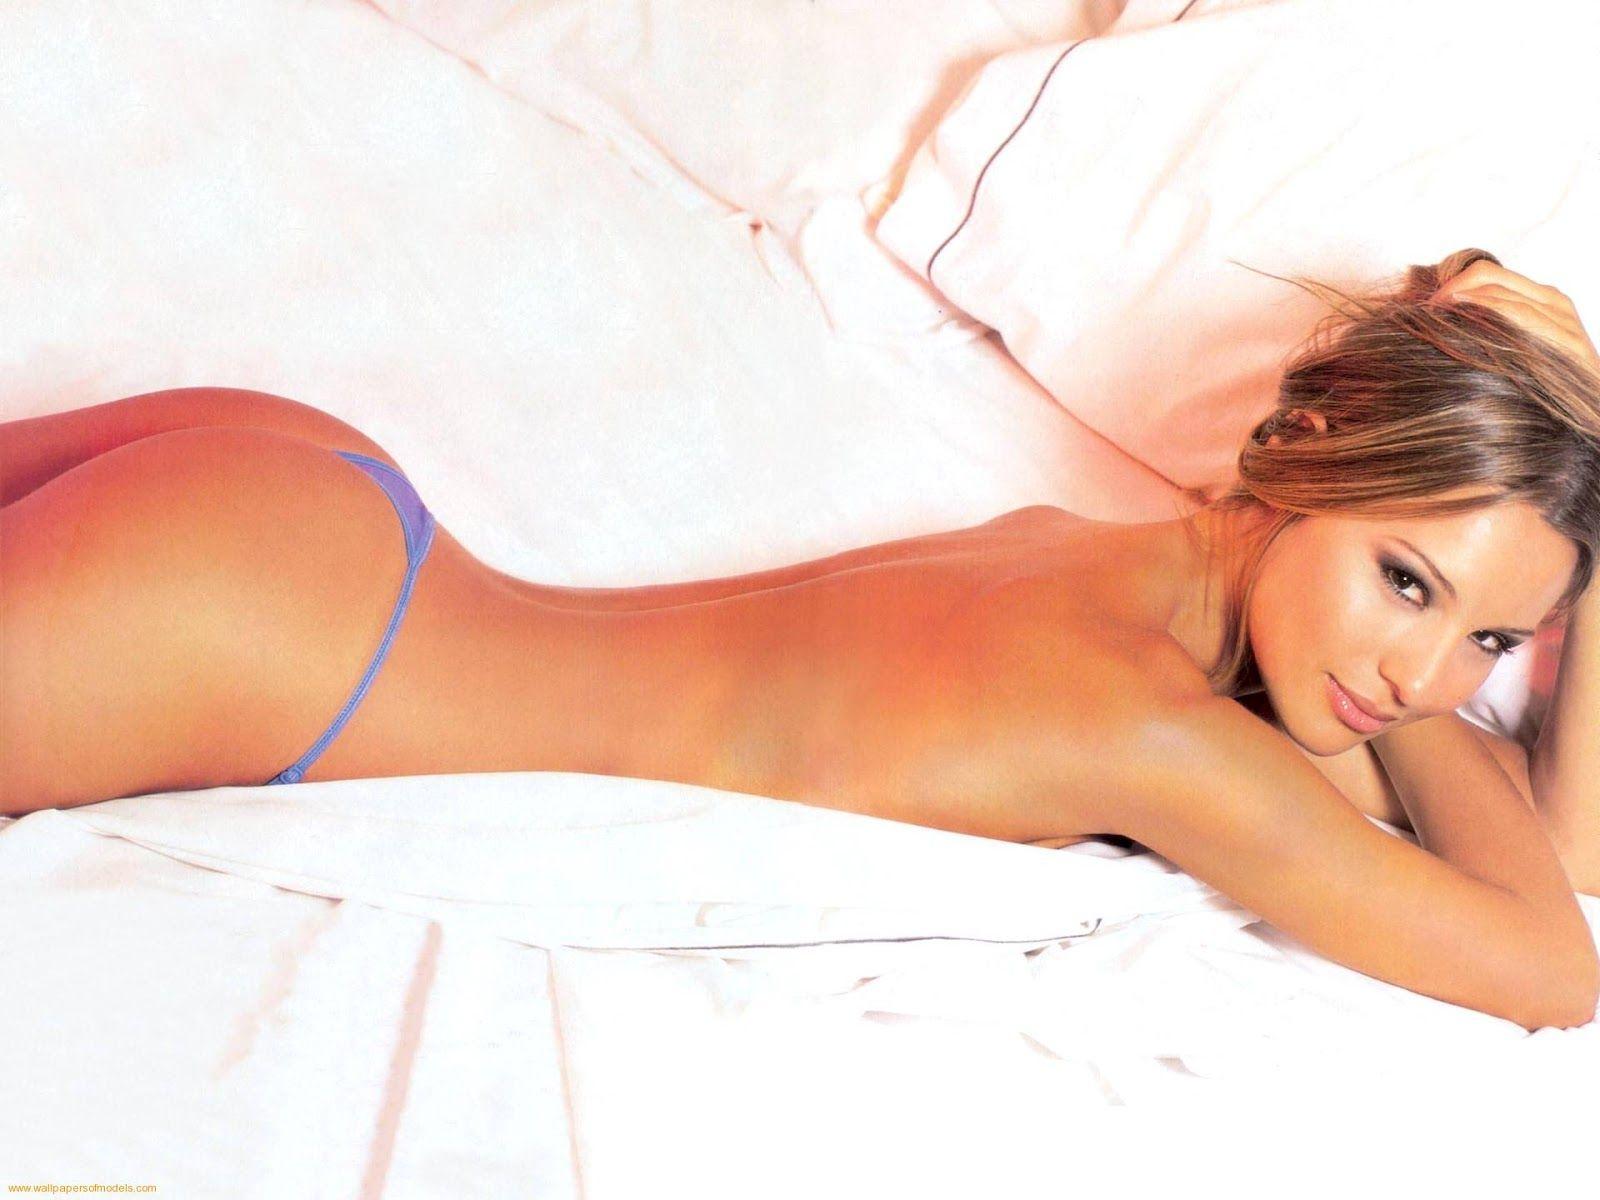 image Maria de erotic sensual tappersex show en el feda 2015